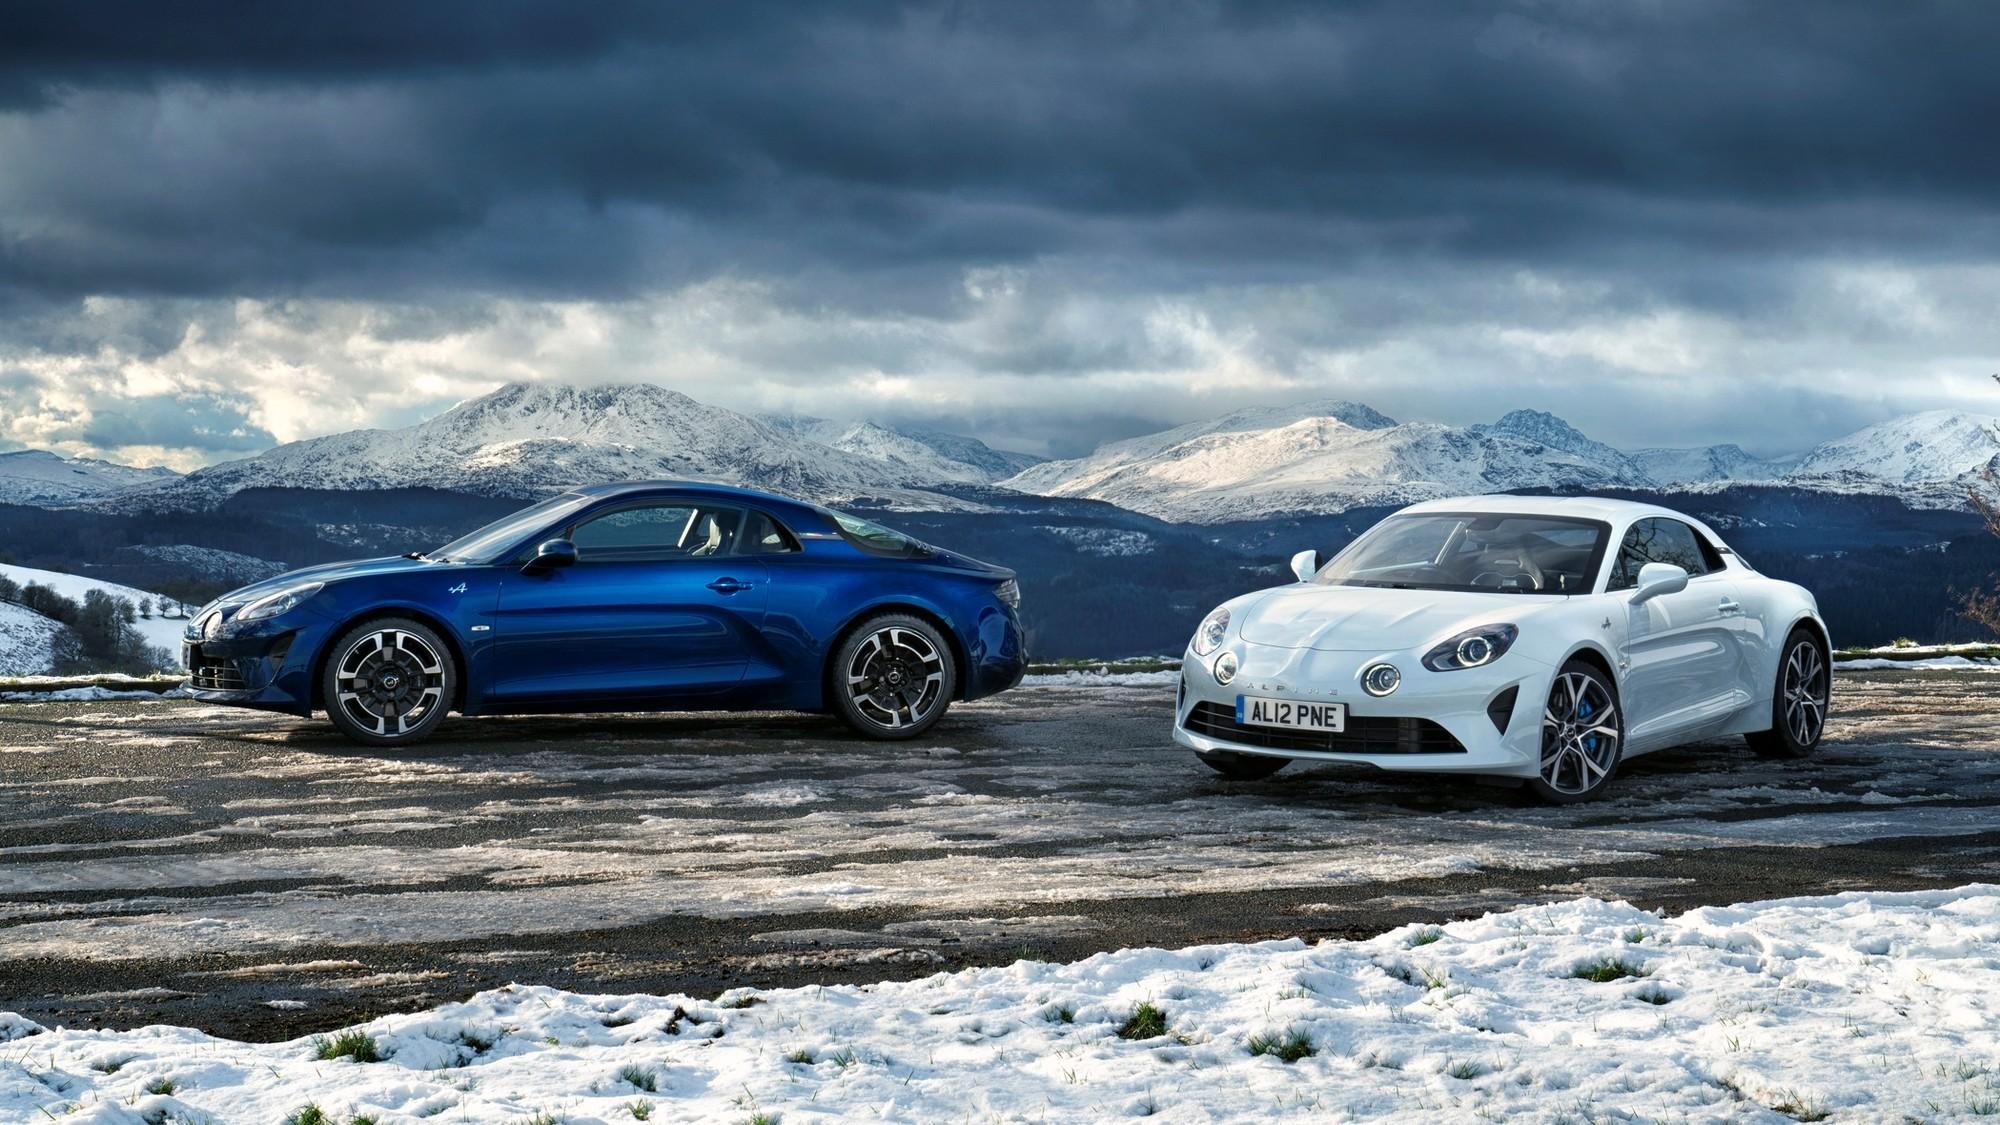 Alpine пойдёт по стопам Cupra: меньше ностальгии и оригинальности, больше денег